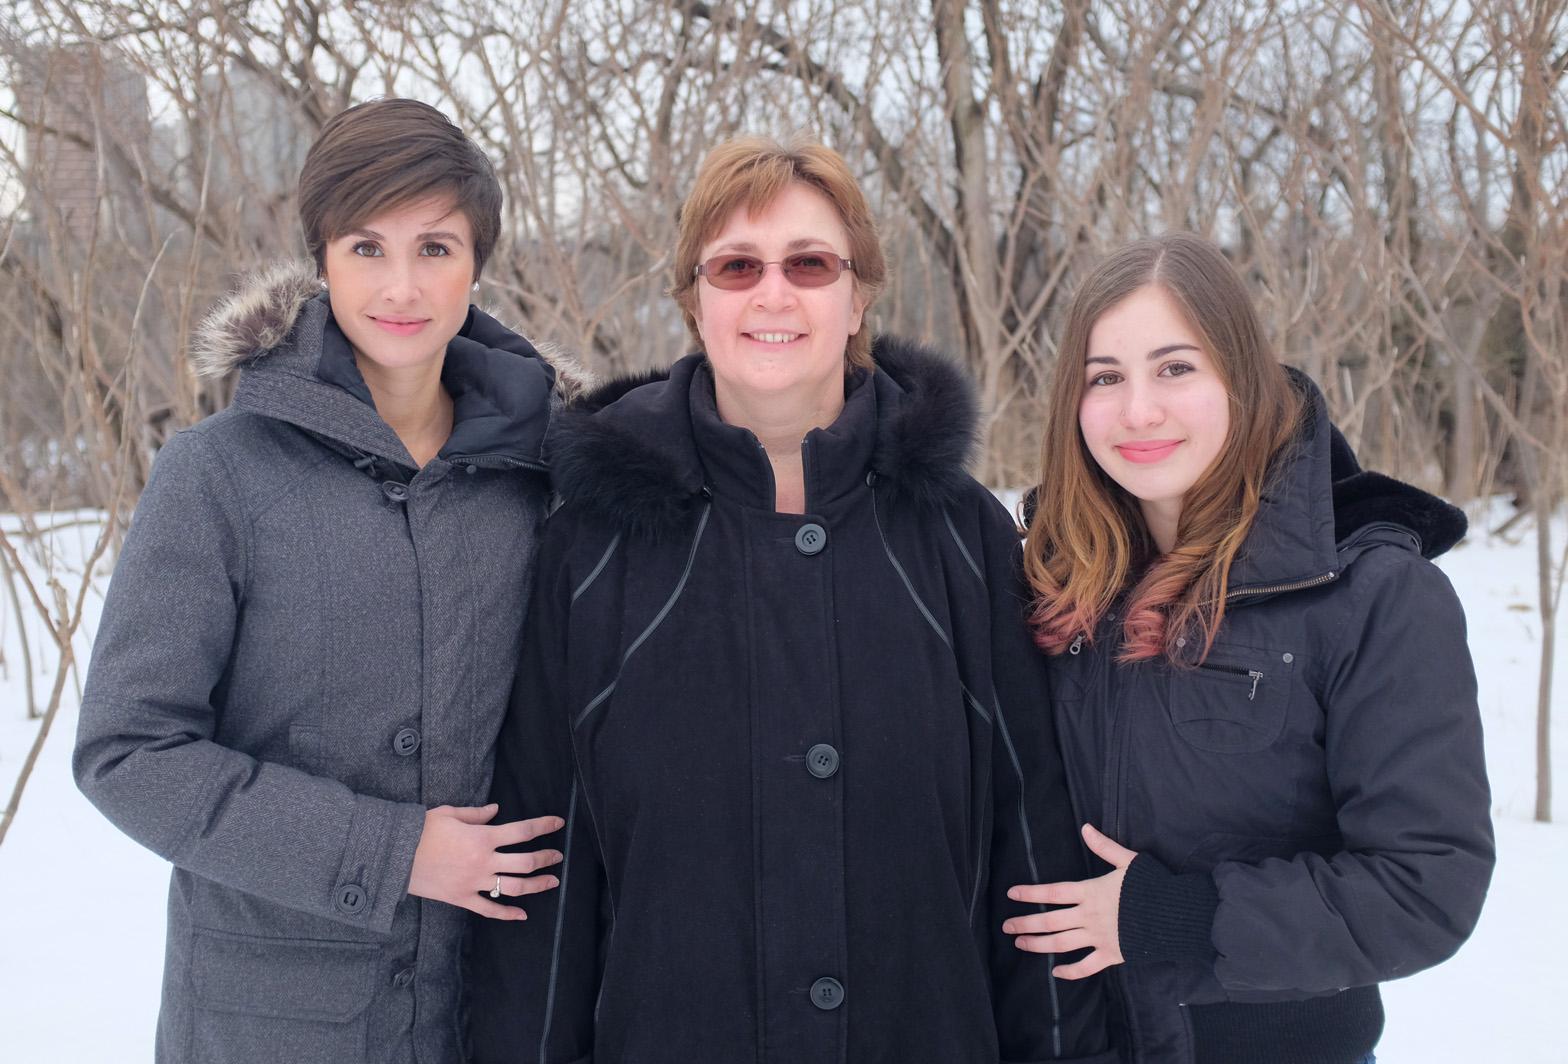 Winter-2013-family photos-100dpi-13.jpg